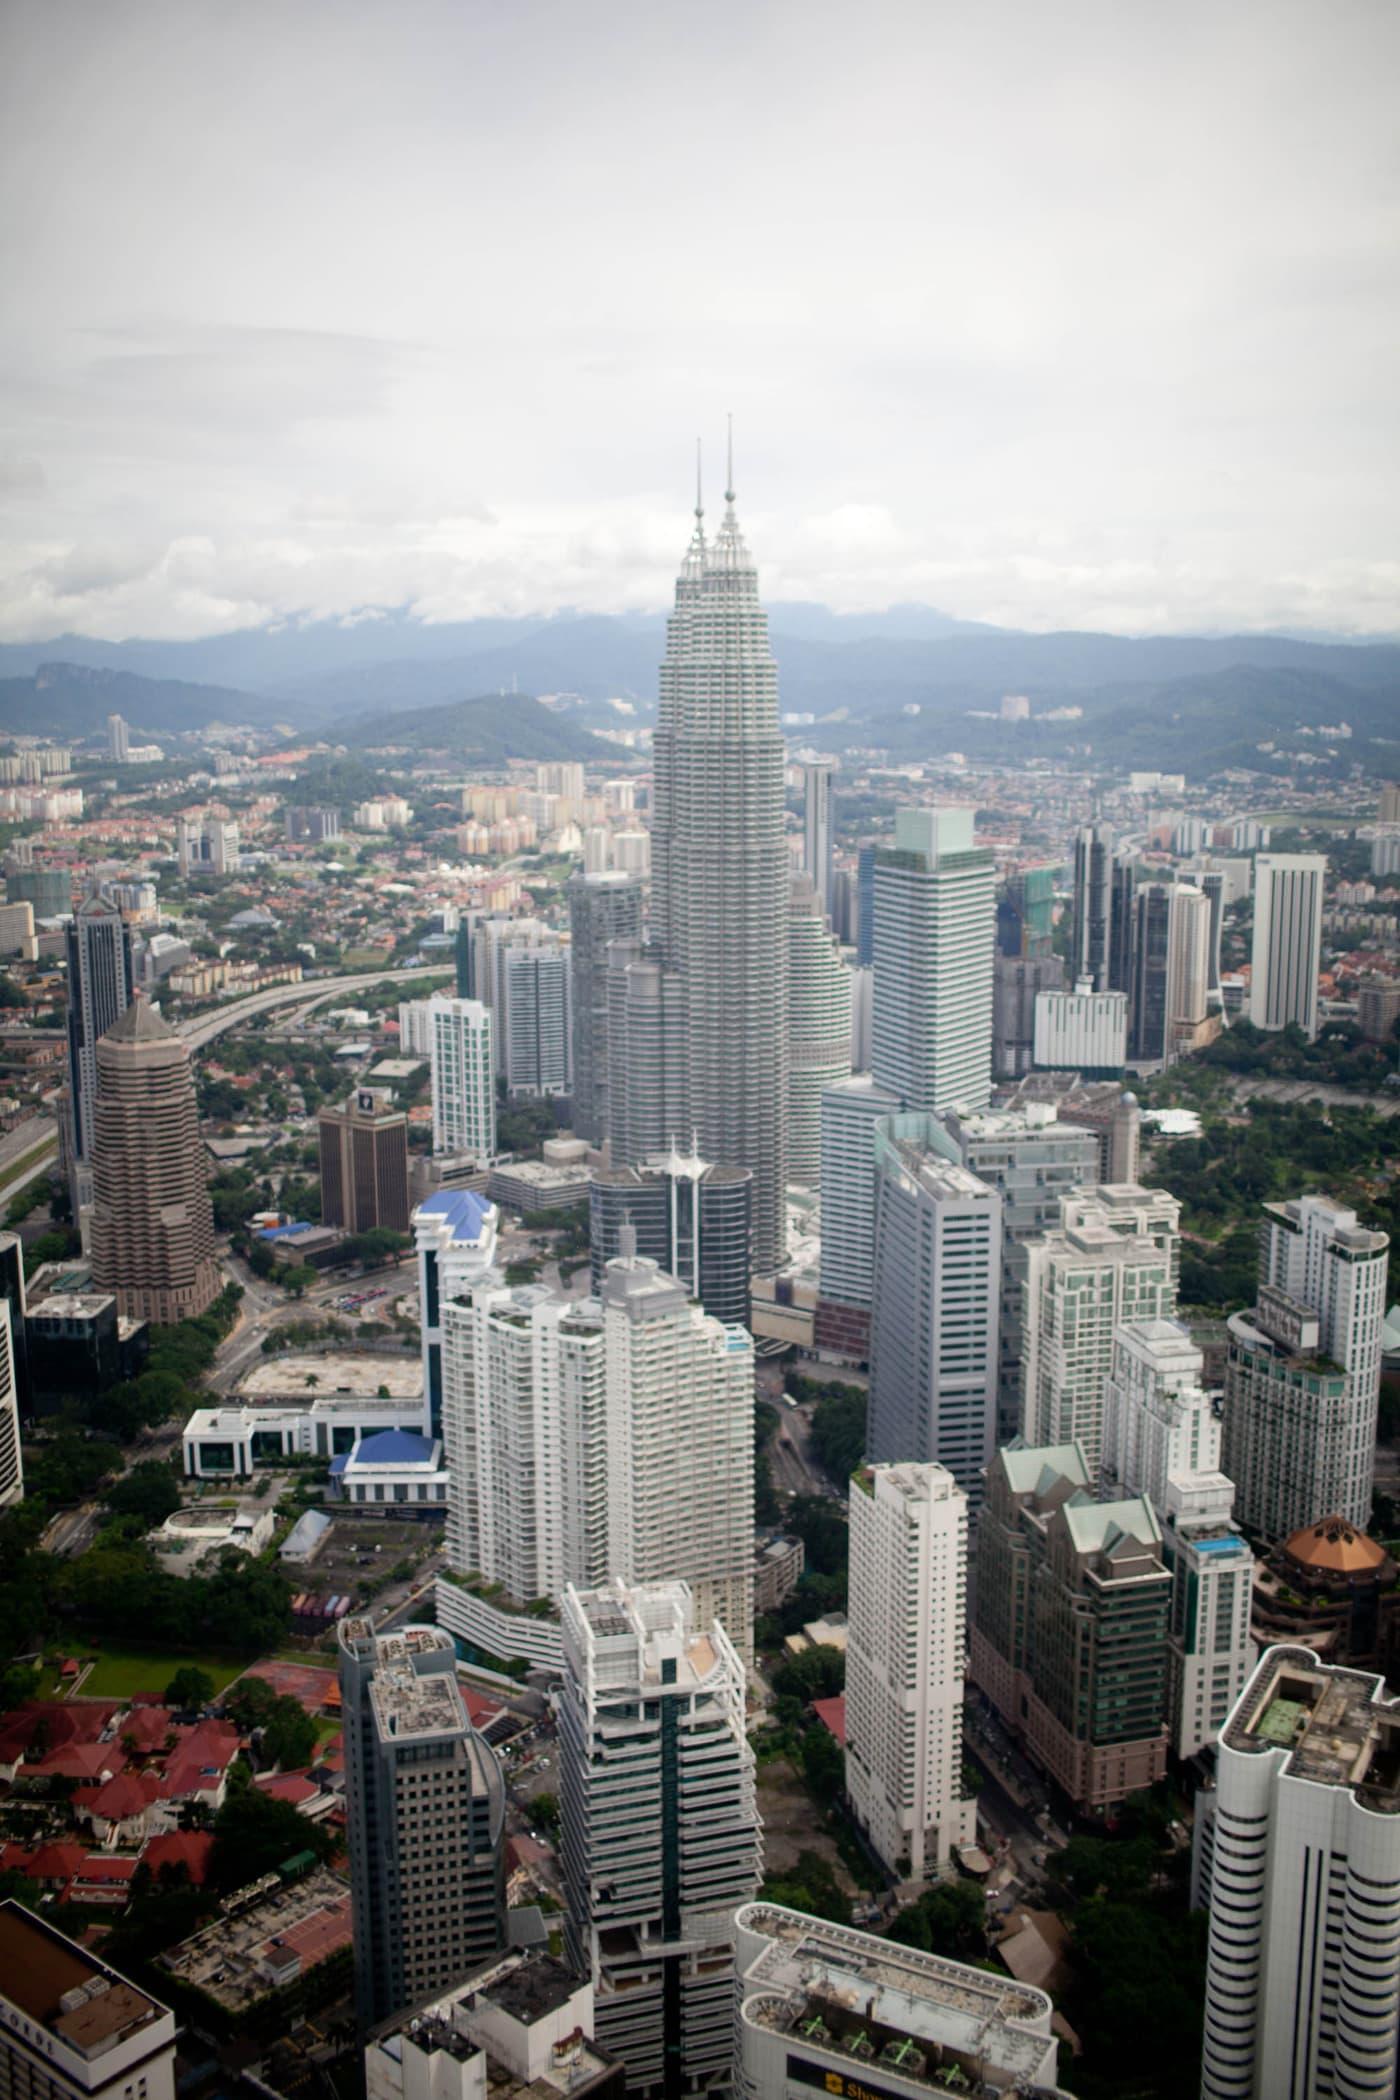 KL Tower in Kuala Lumpur